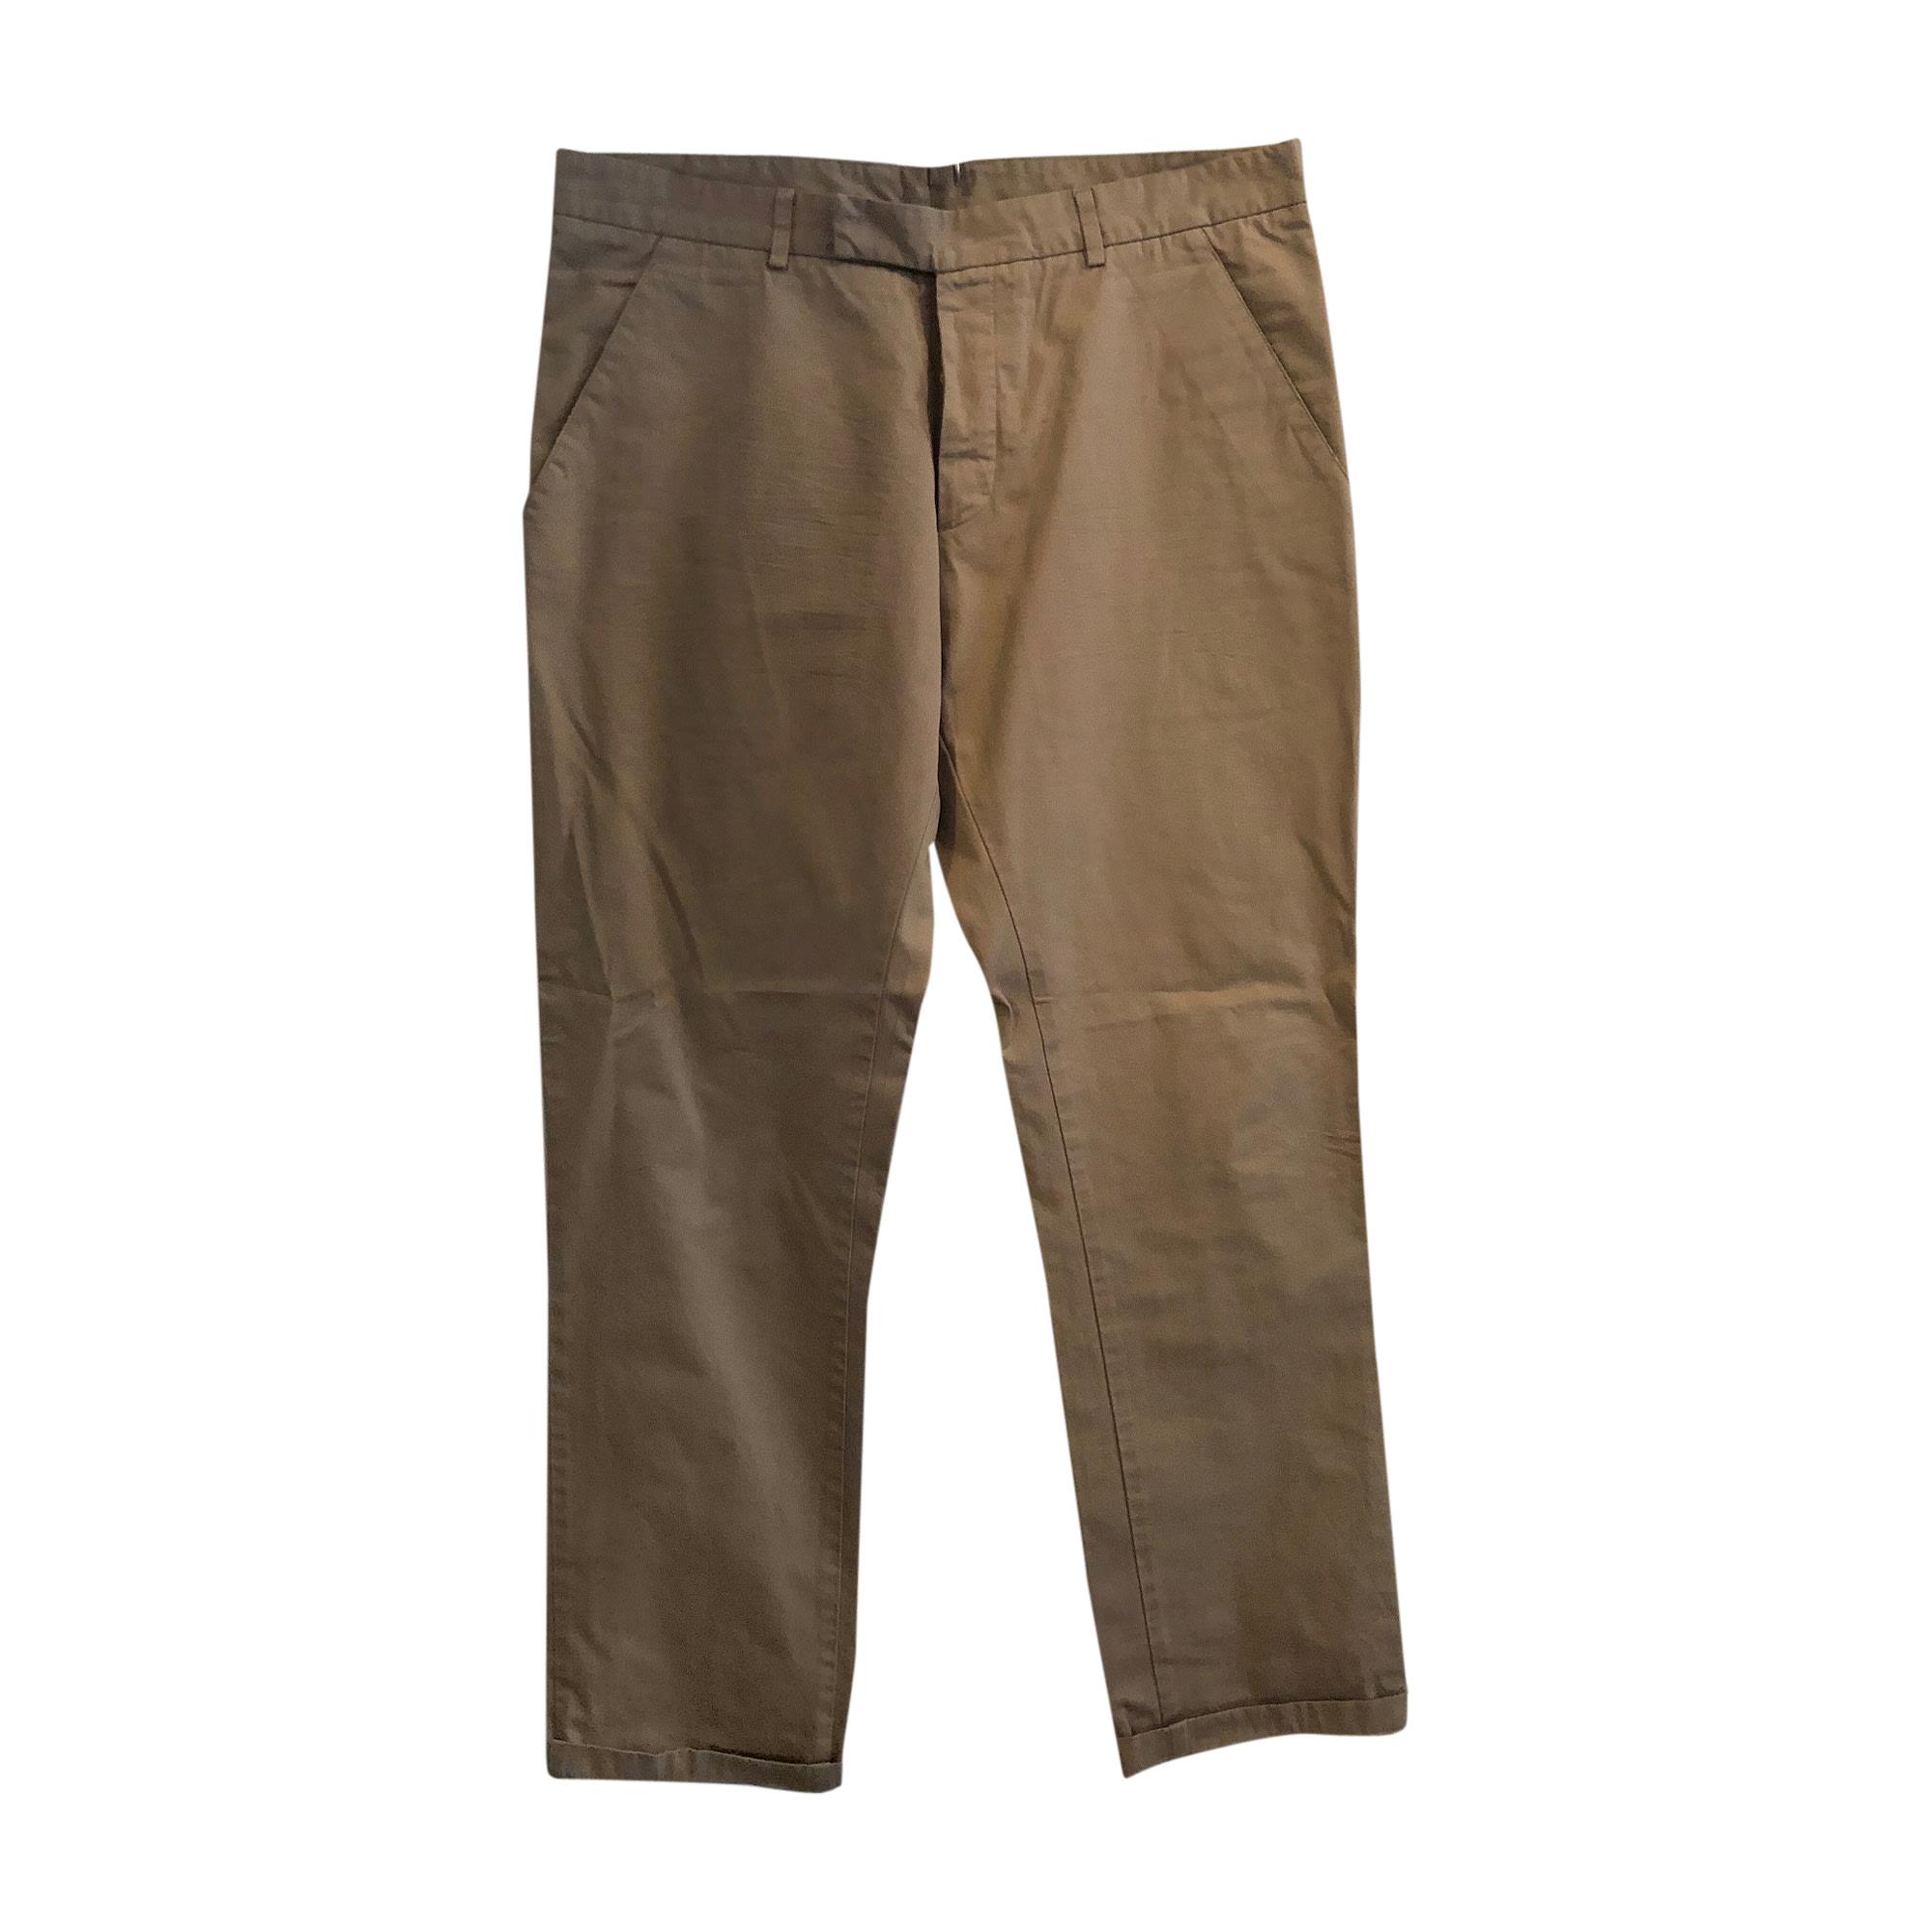 Pantalon droit DIOR HOMME Beige, camel